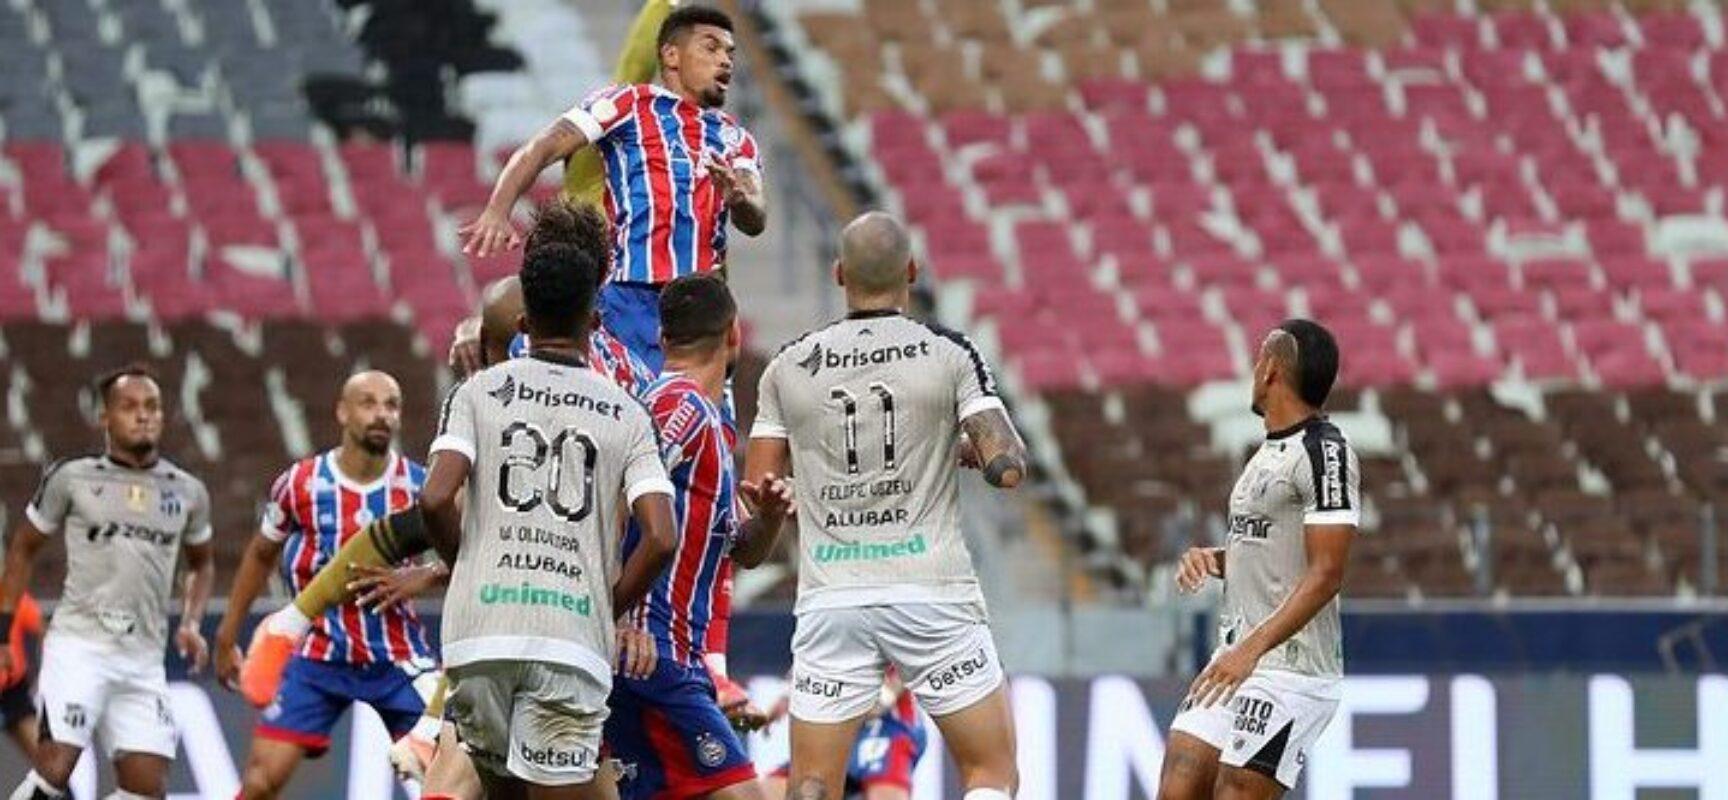 STJD pune jogadores de Bahia e Ceará por briga na final da Copa do Nordeste